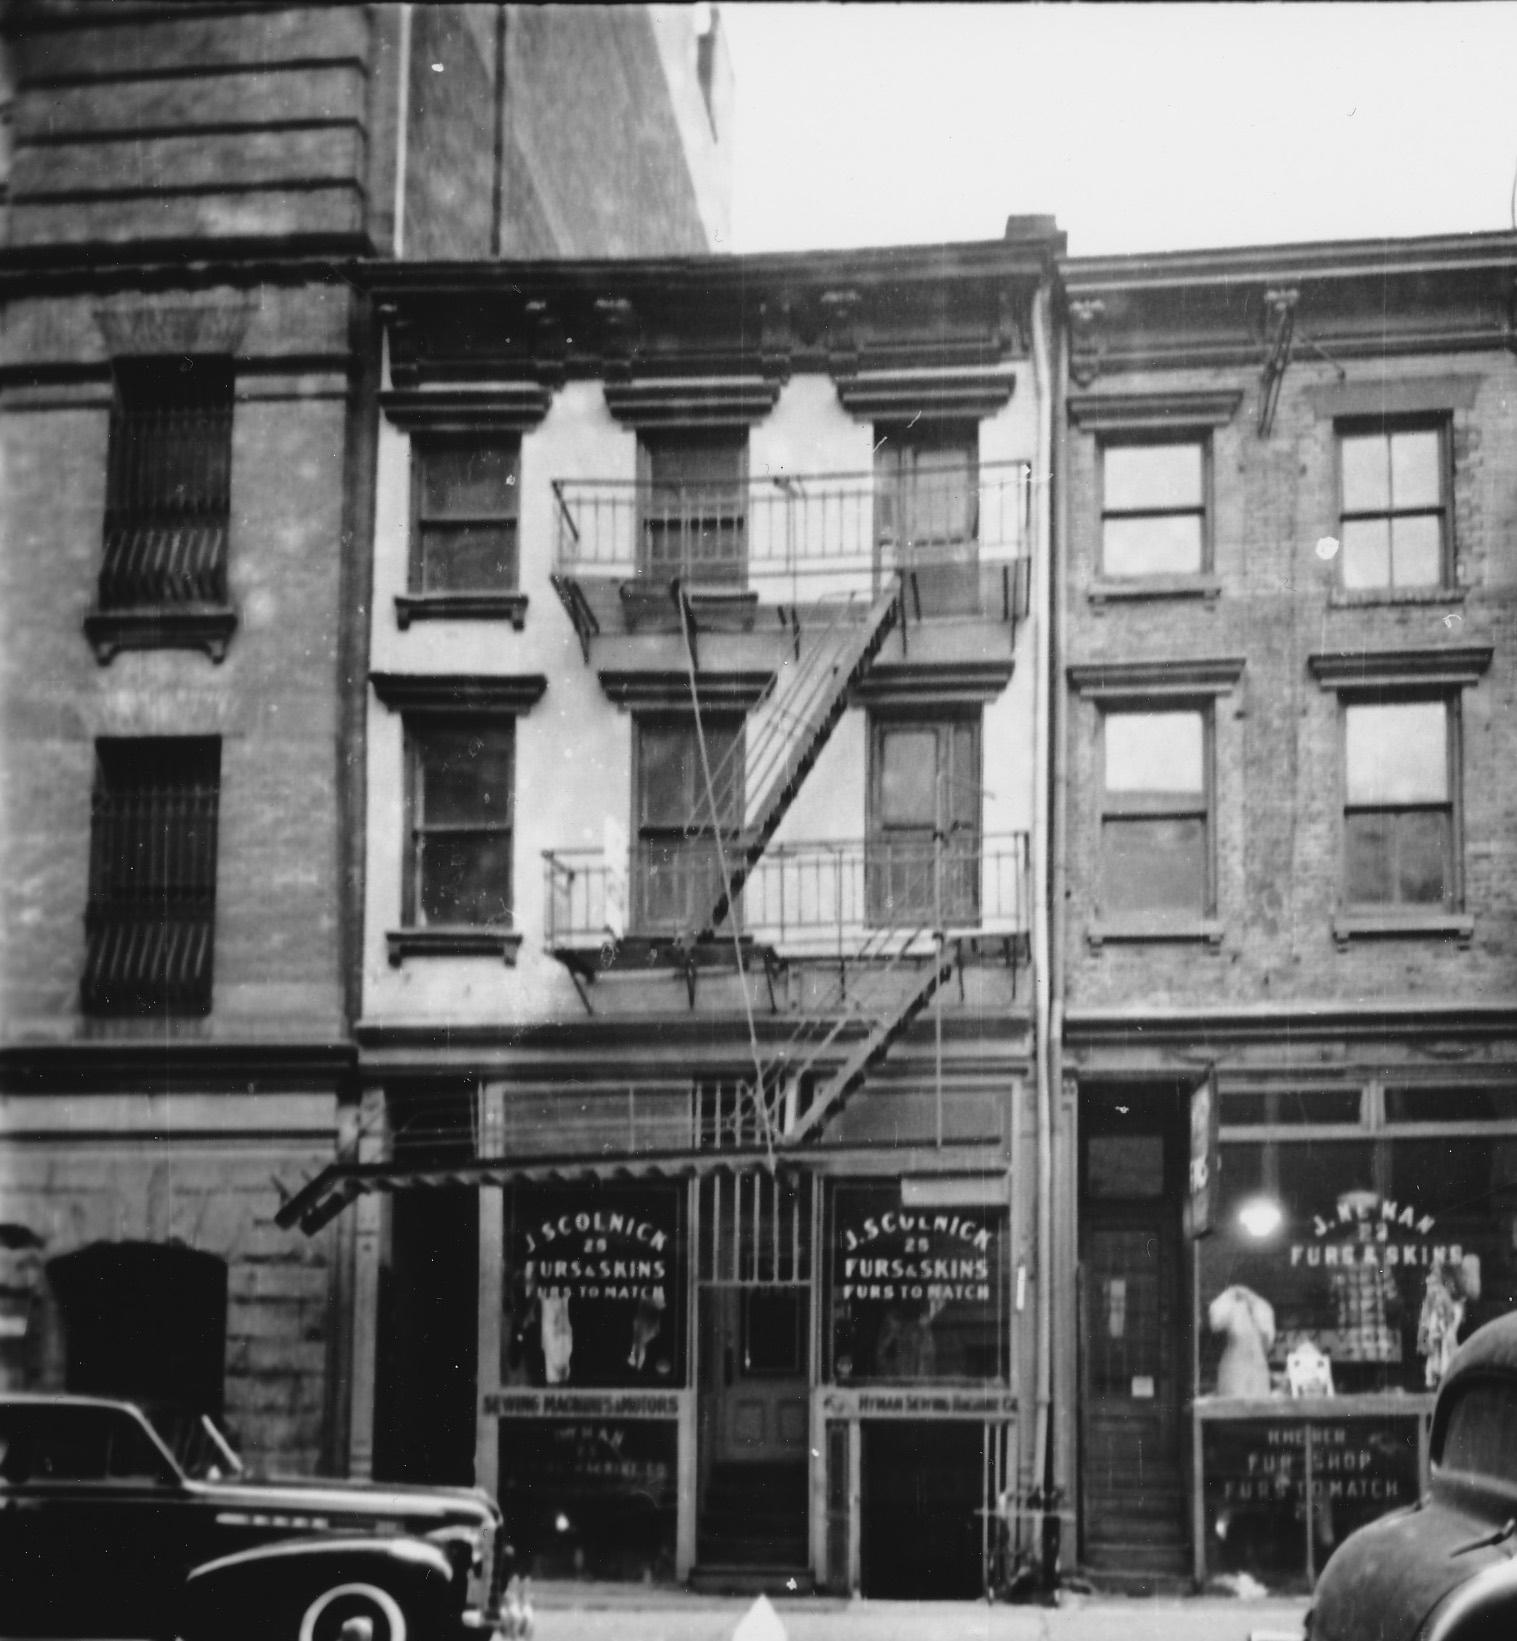 1940s tax photo of 25 Bleecker Street